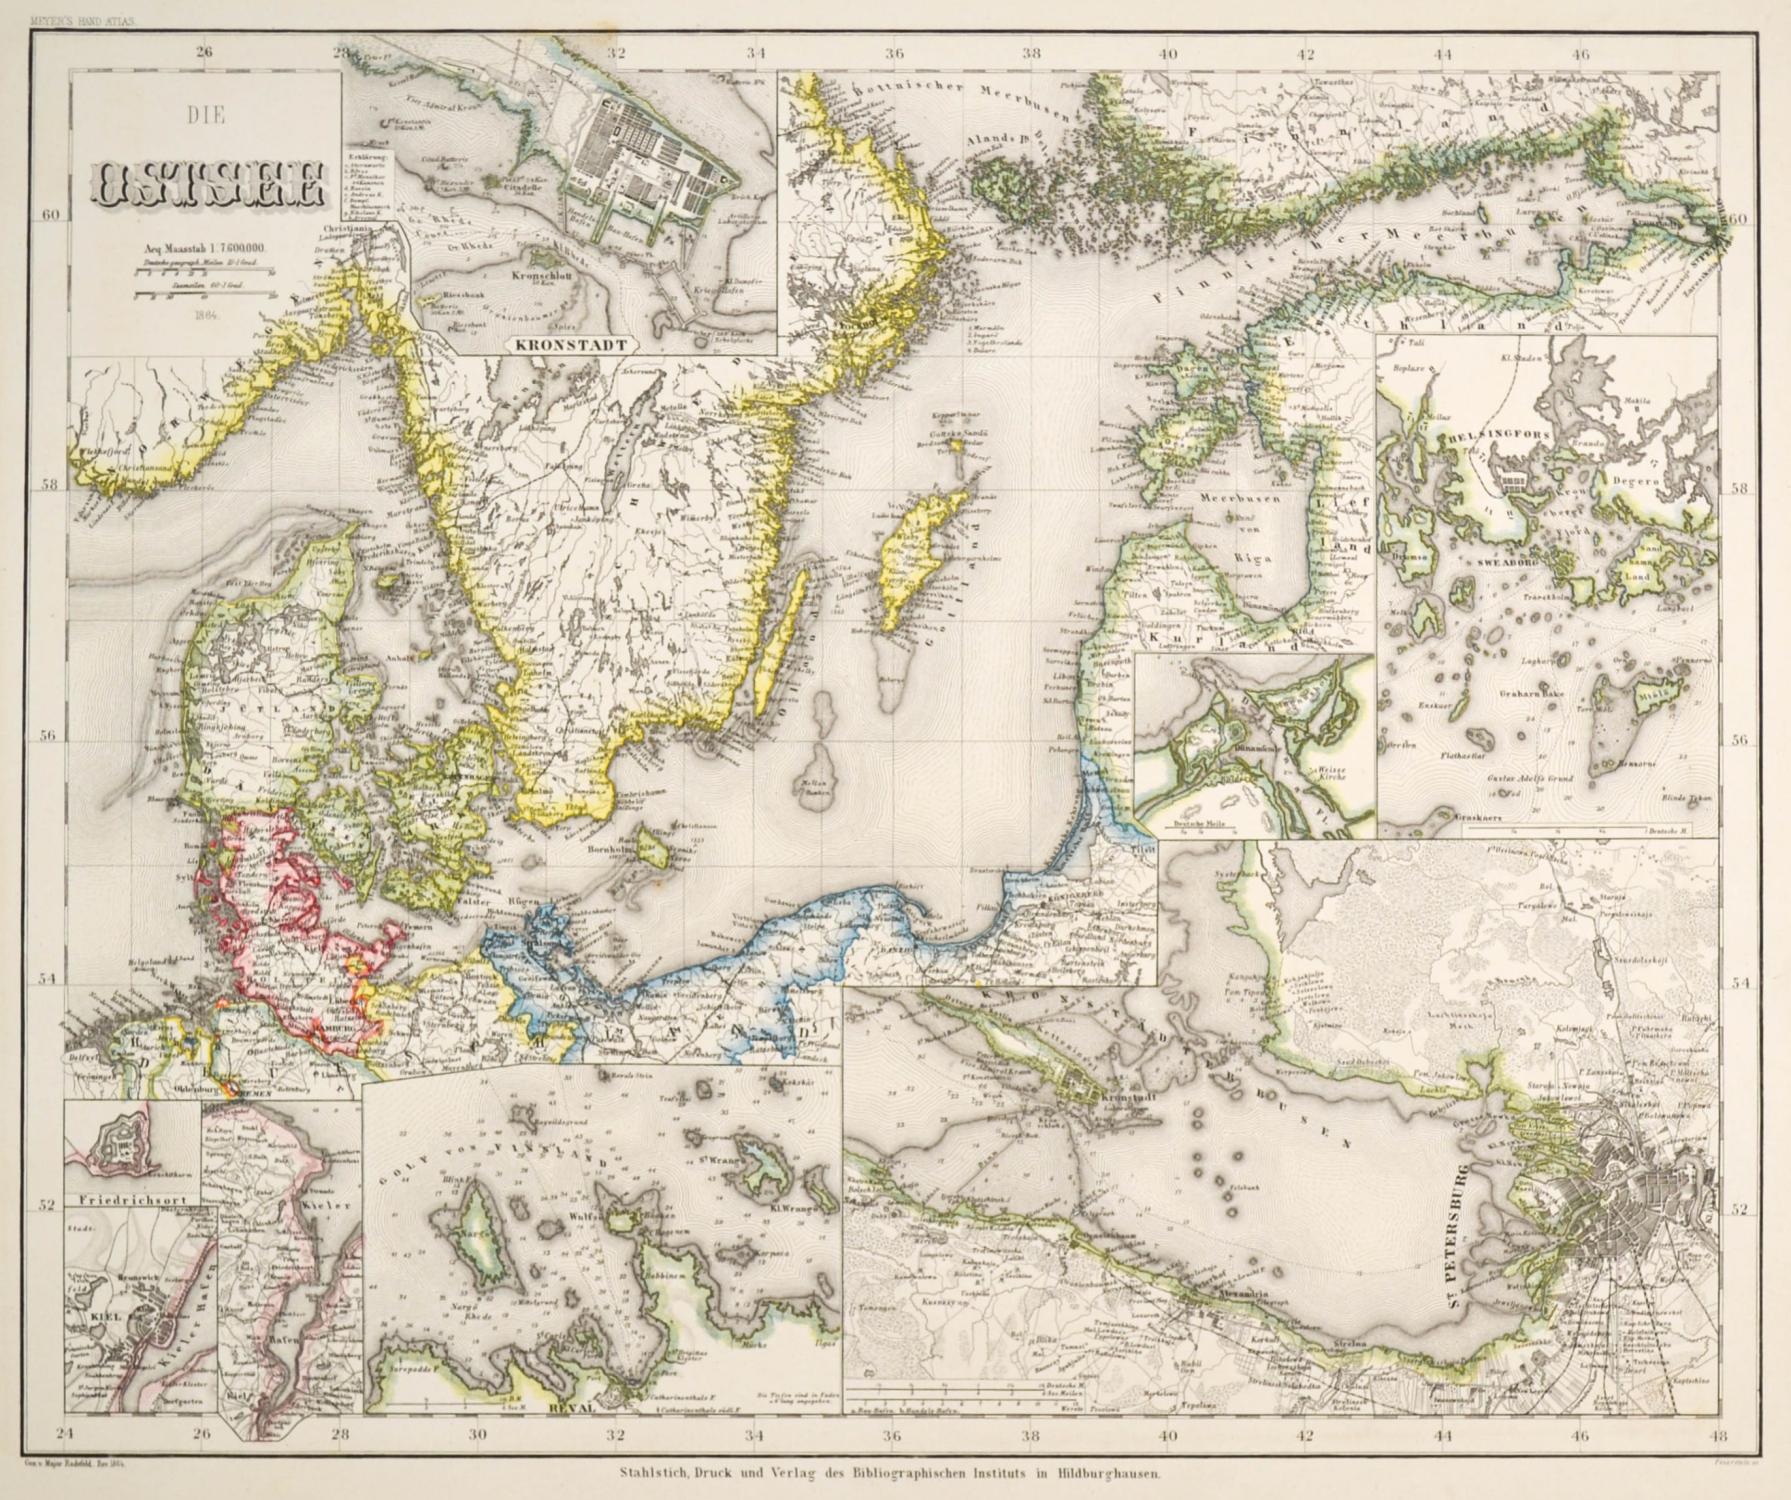 Karte Ostsee.Ostsee Karte